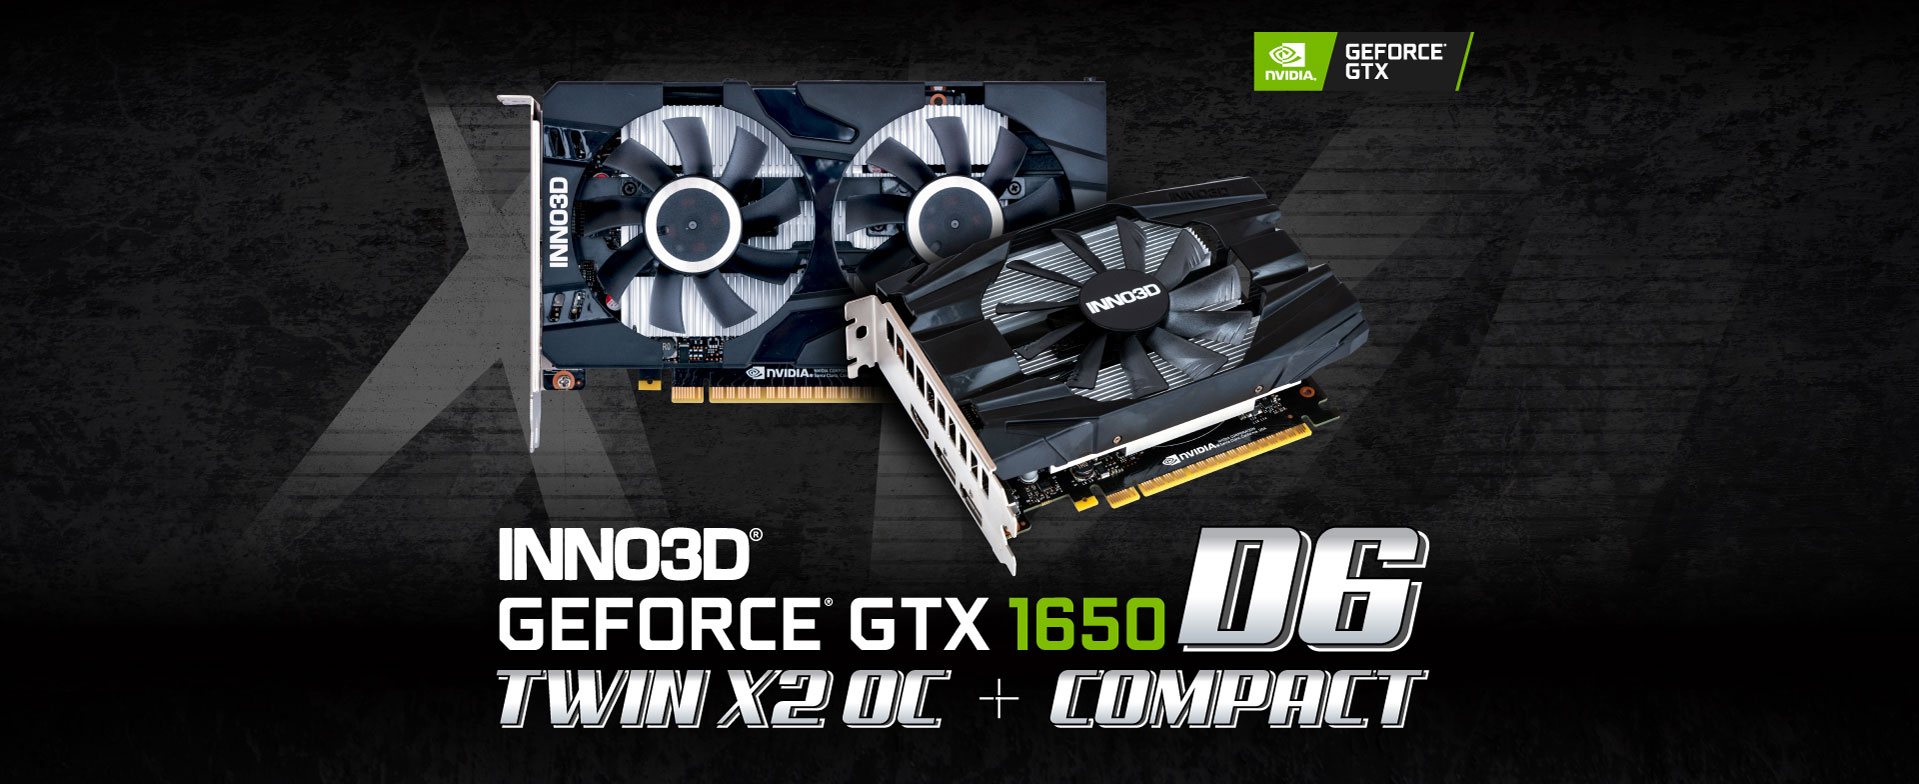 1650_Twin_X2OC_Compact_GDDR6_1920w_01.jpg (236 KB)